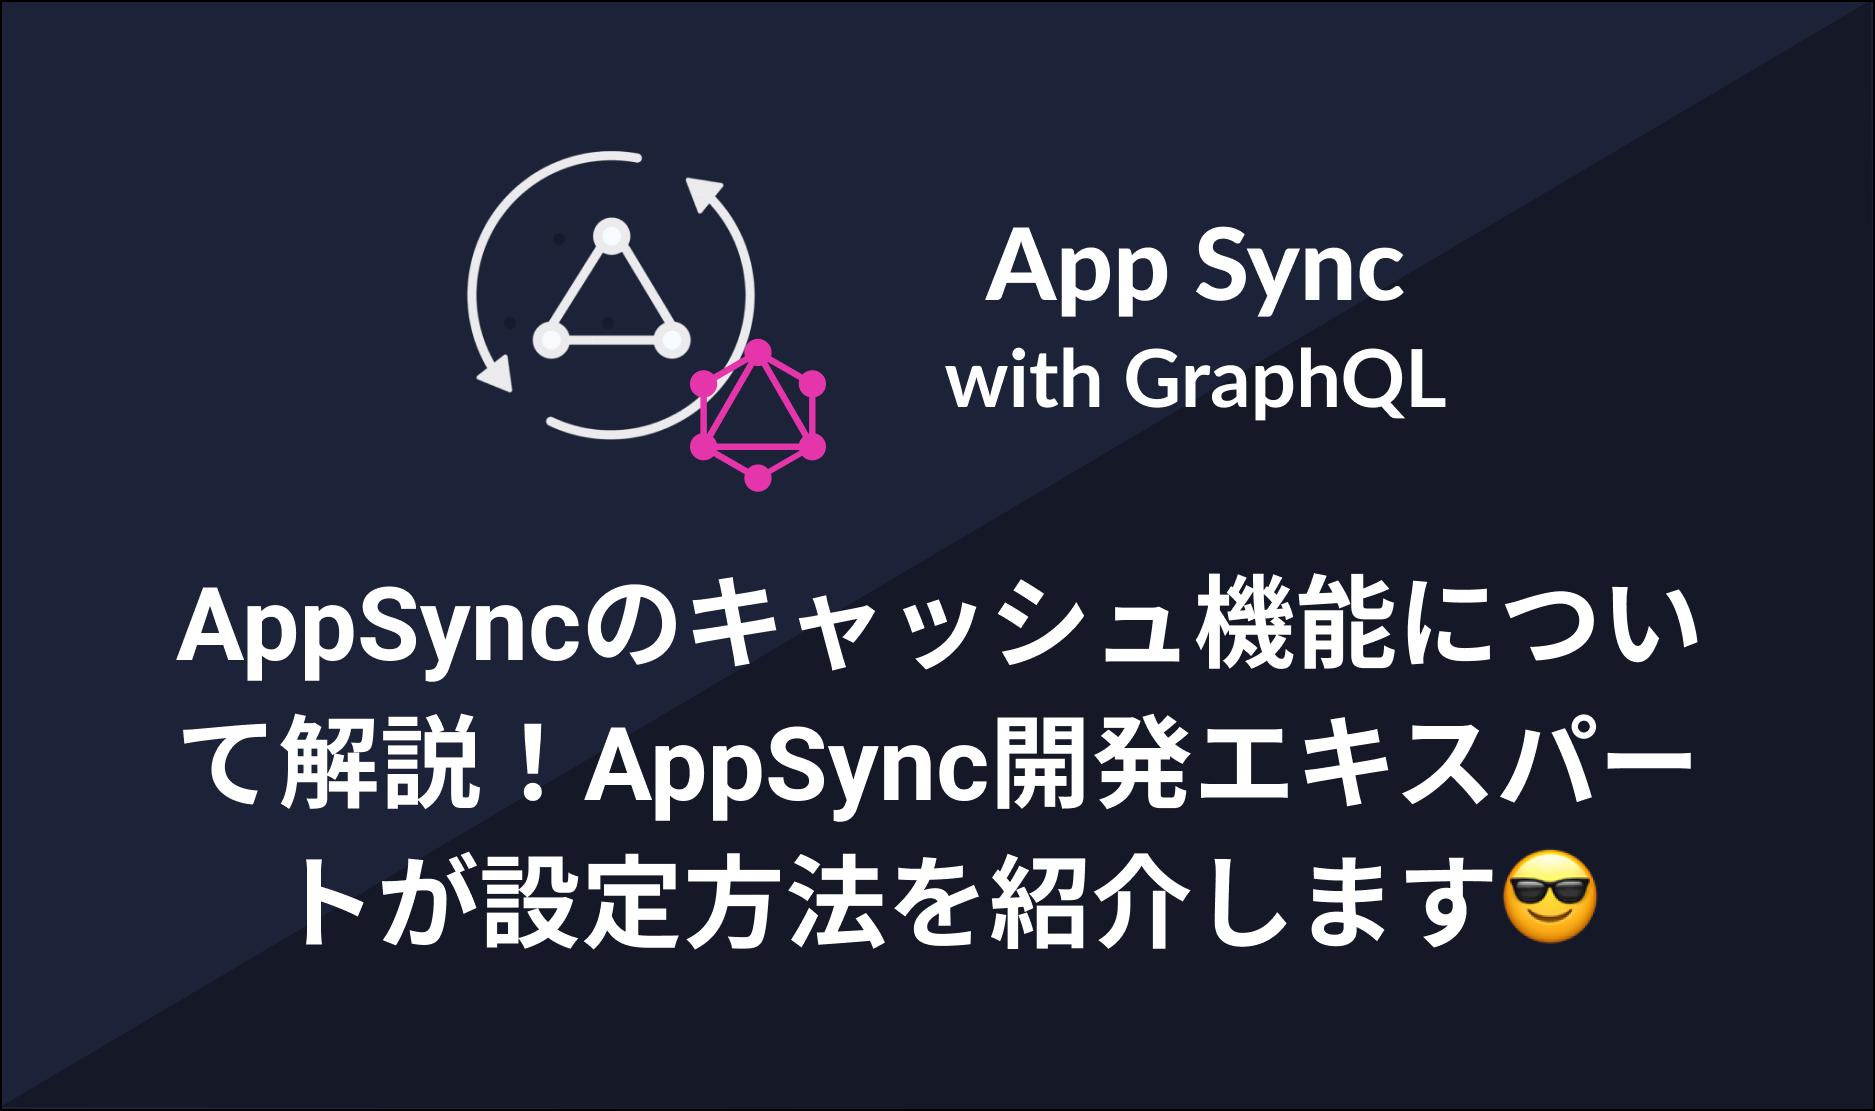 AppSyncのキャッシュ機能について解説!AppSync開発エキスパートが設定方法を紹介します😎